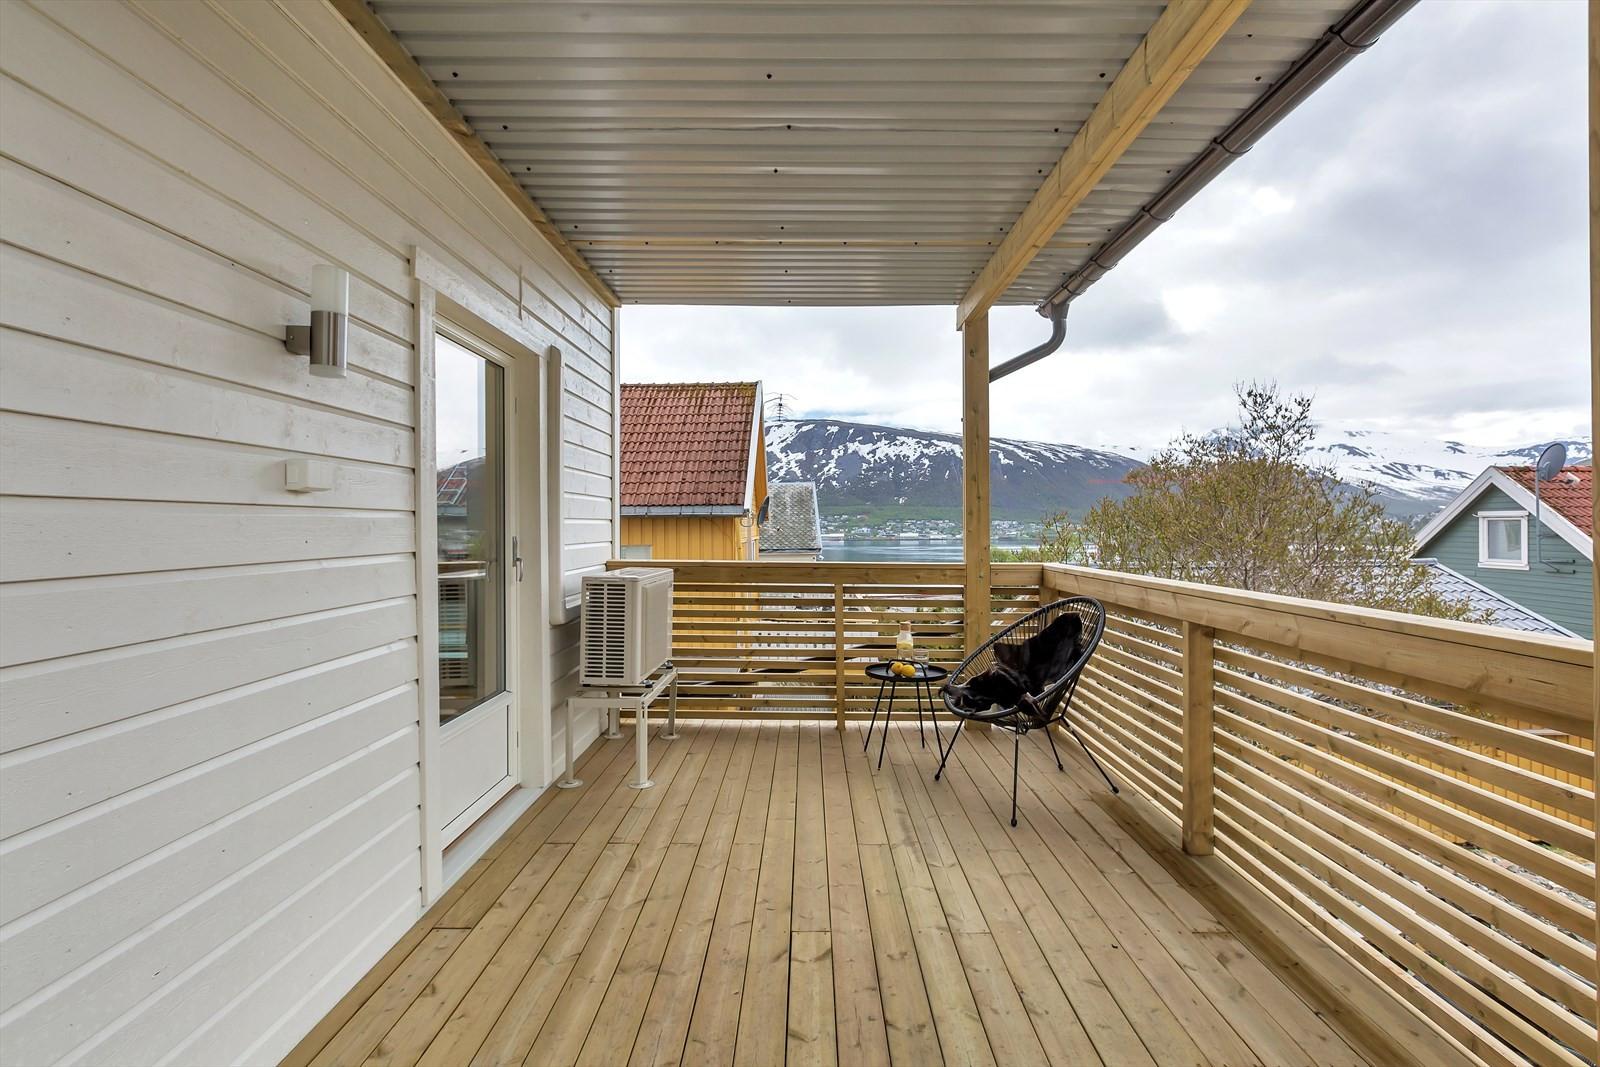 Stor sydvendt veranda med takoverbygg - utgang fra stuen.